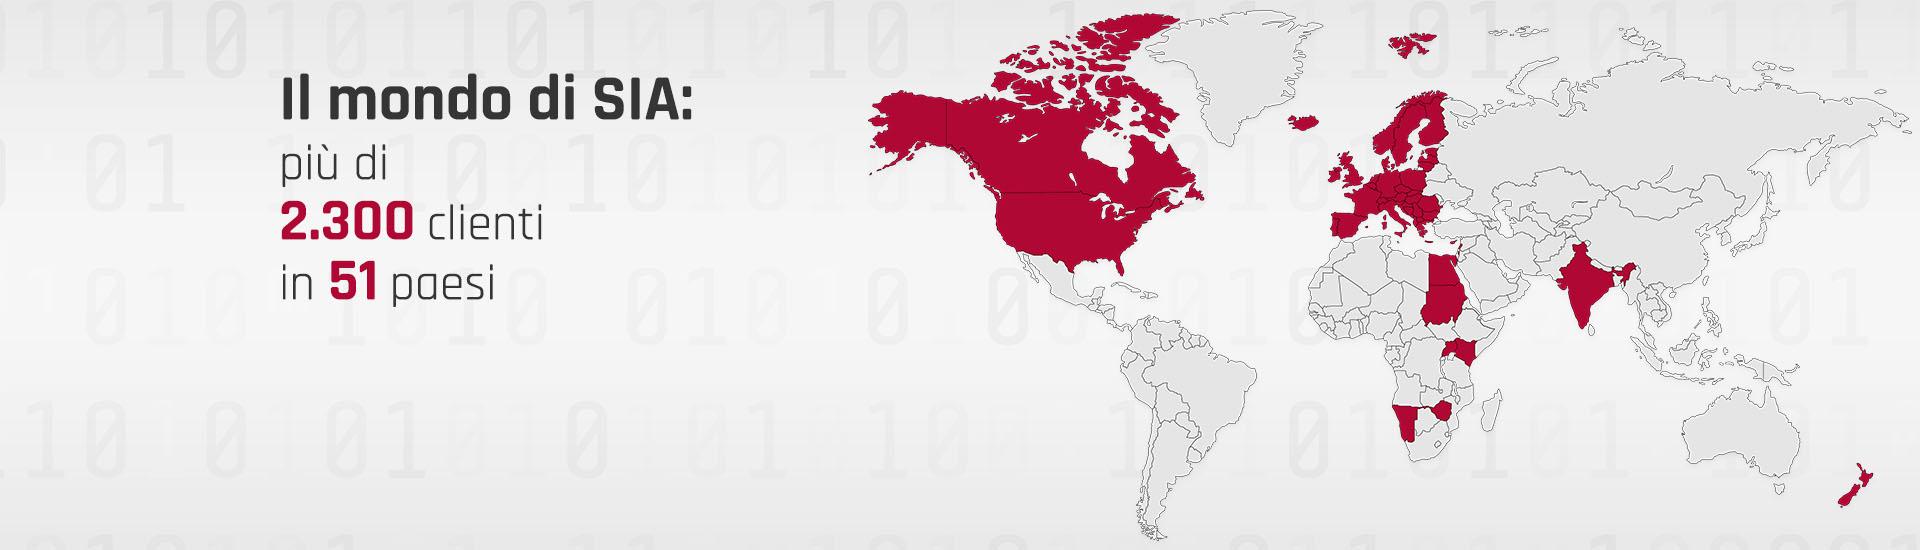 Il mondo di SIA: più di 2.300 clienti in 51 paesi